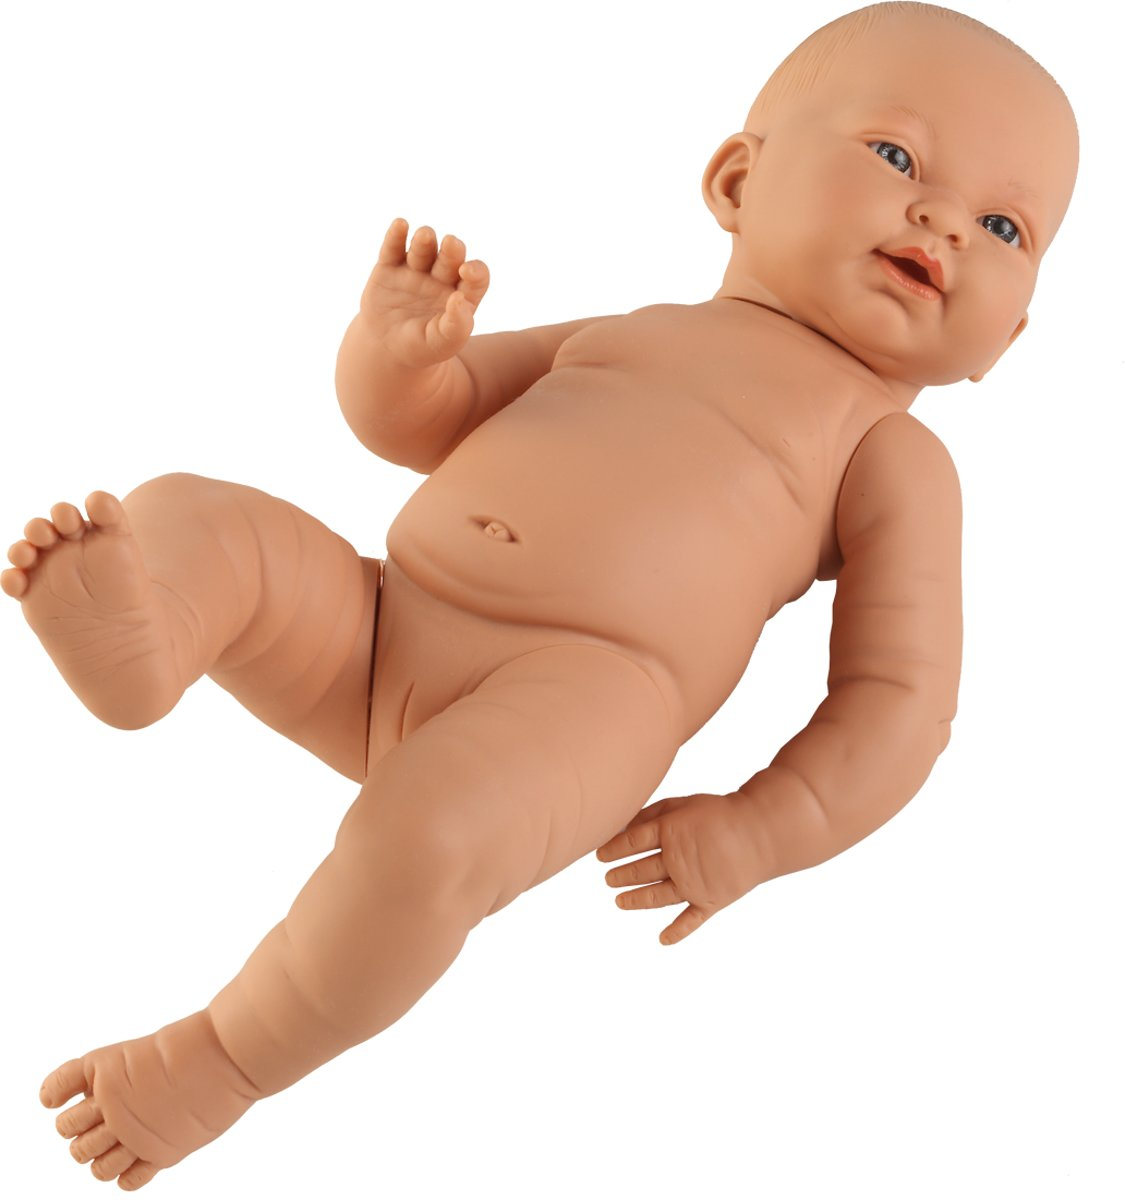 Llorens babypop blank meisje